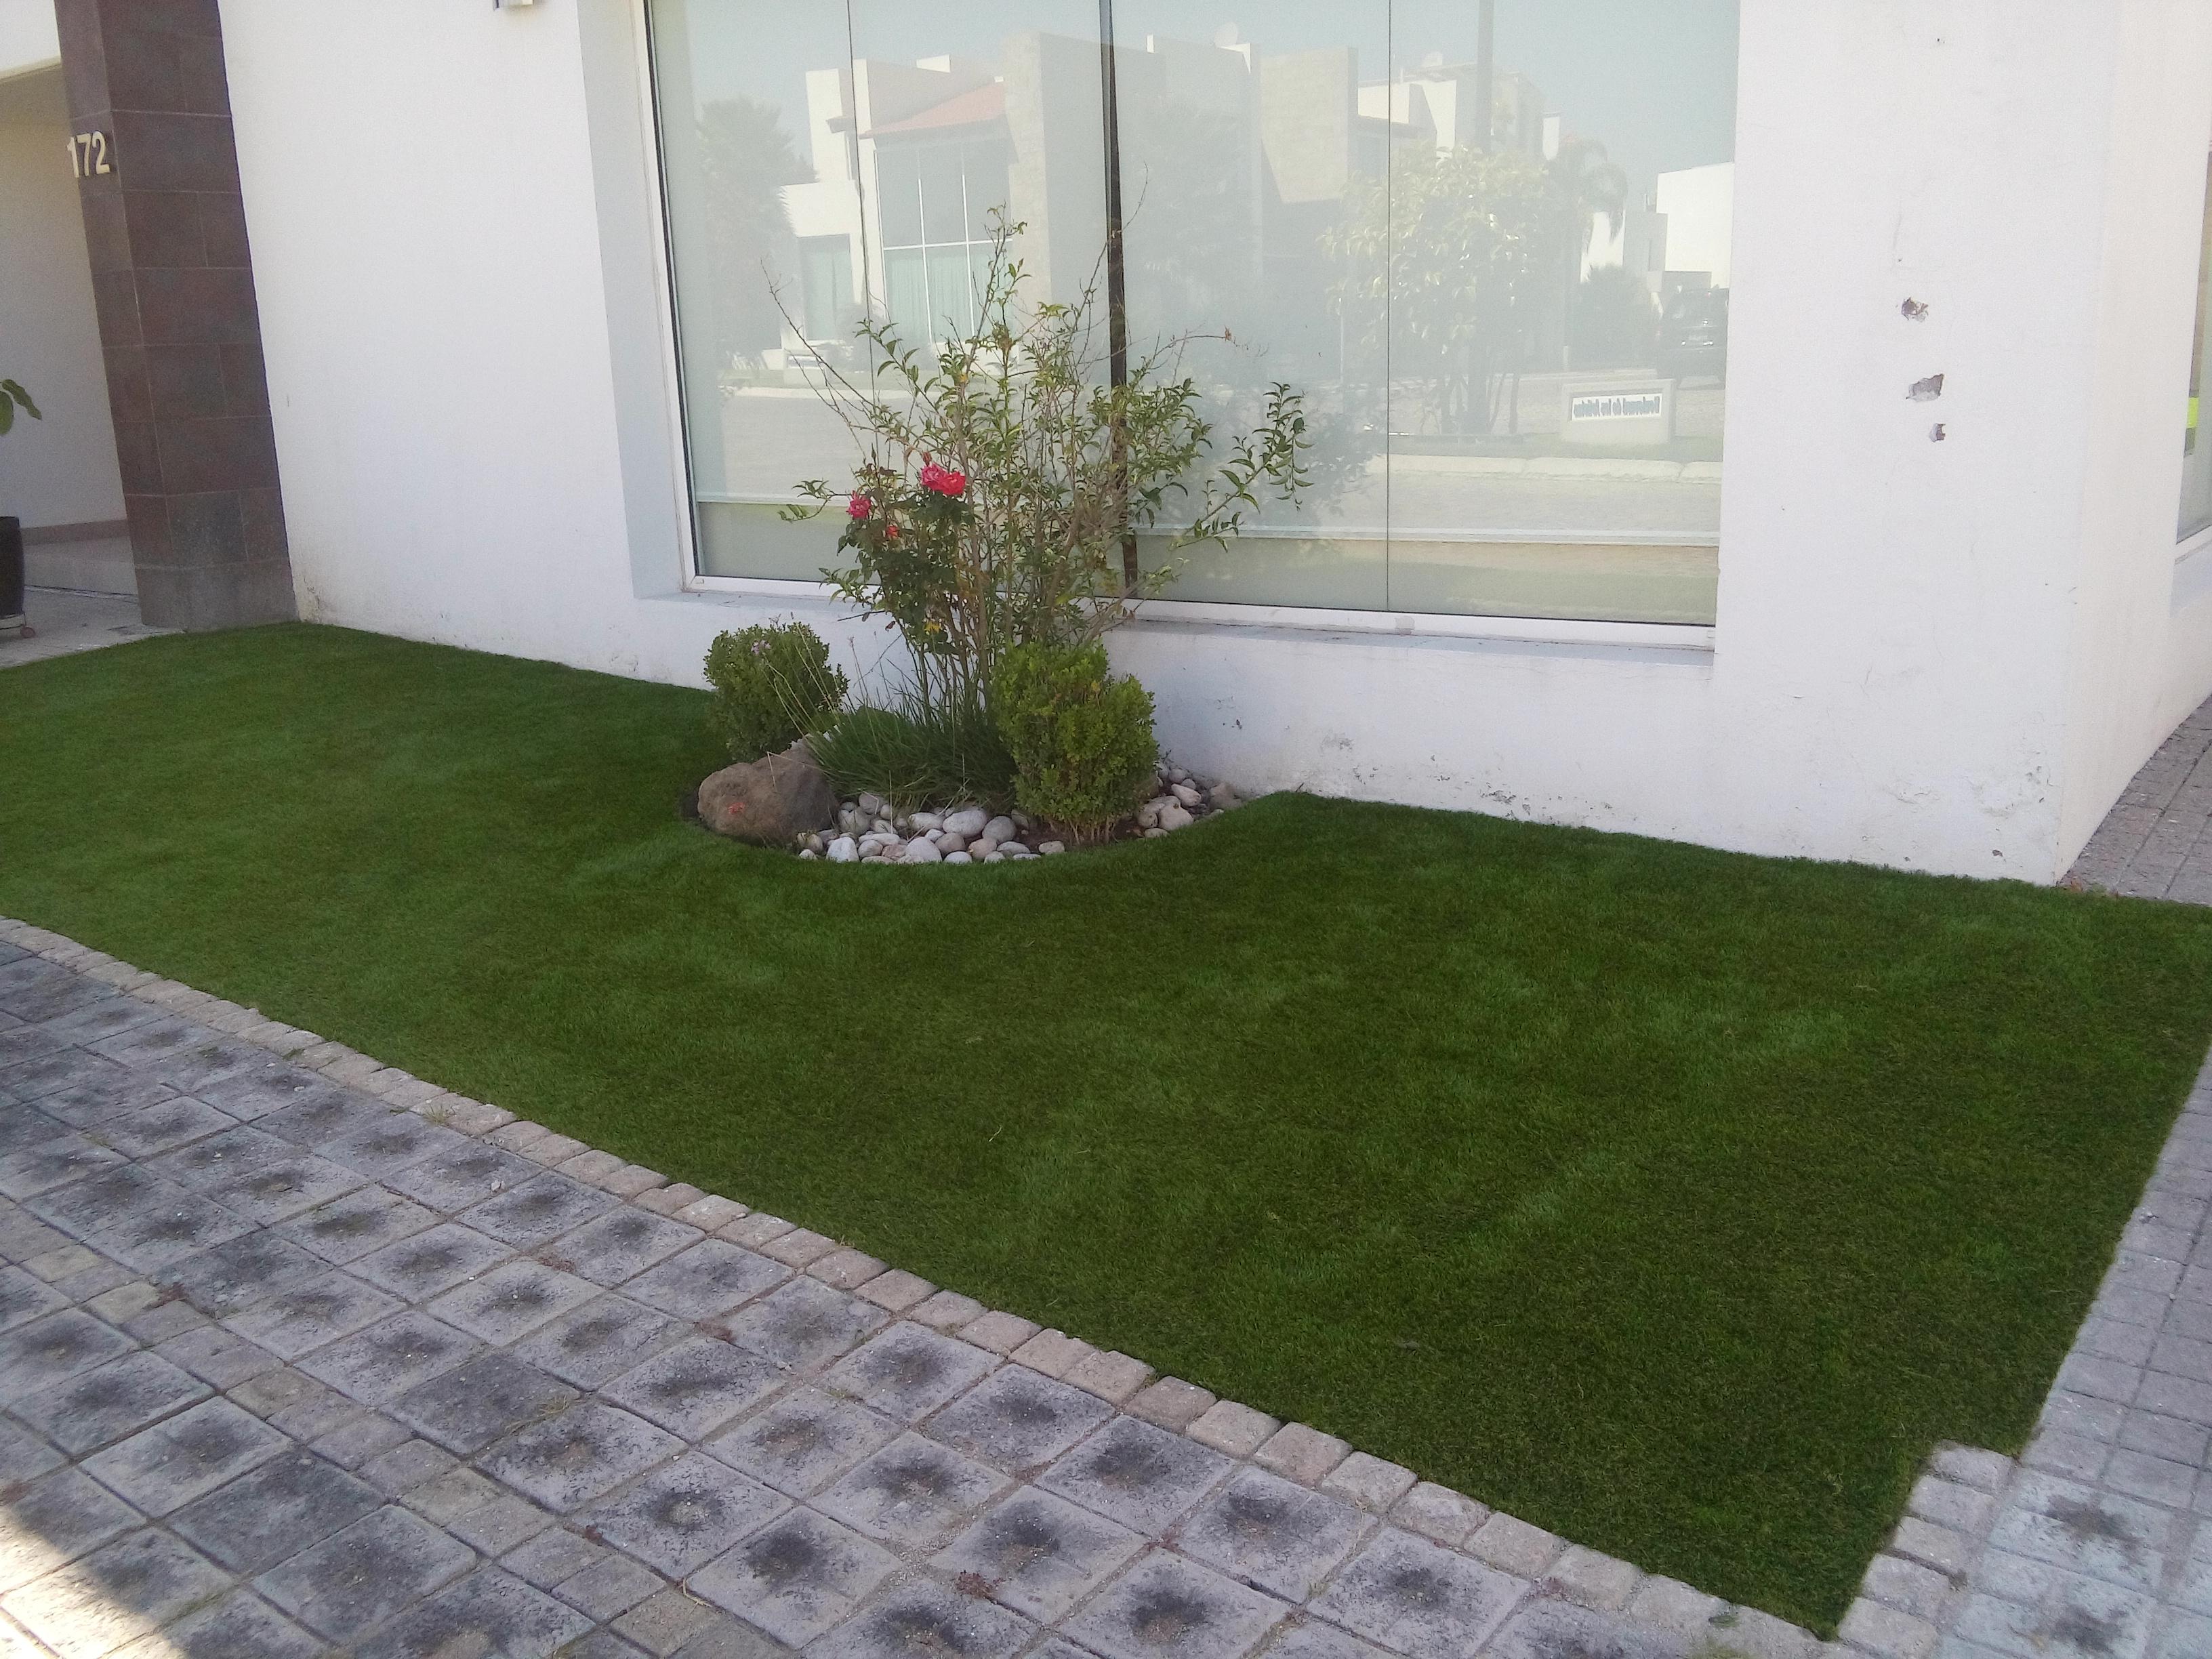 Jardin de angelopolis puebla 3 sports grass for Jardin 3 marias puebla